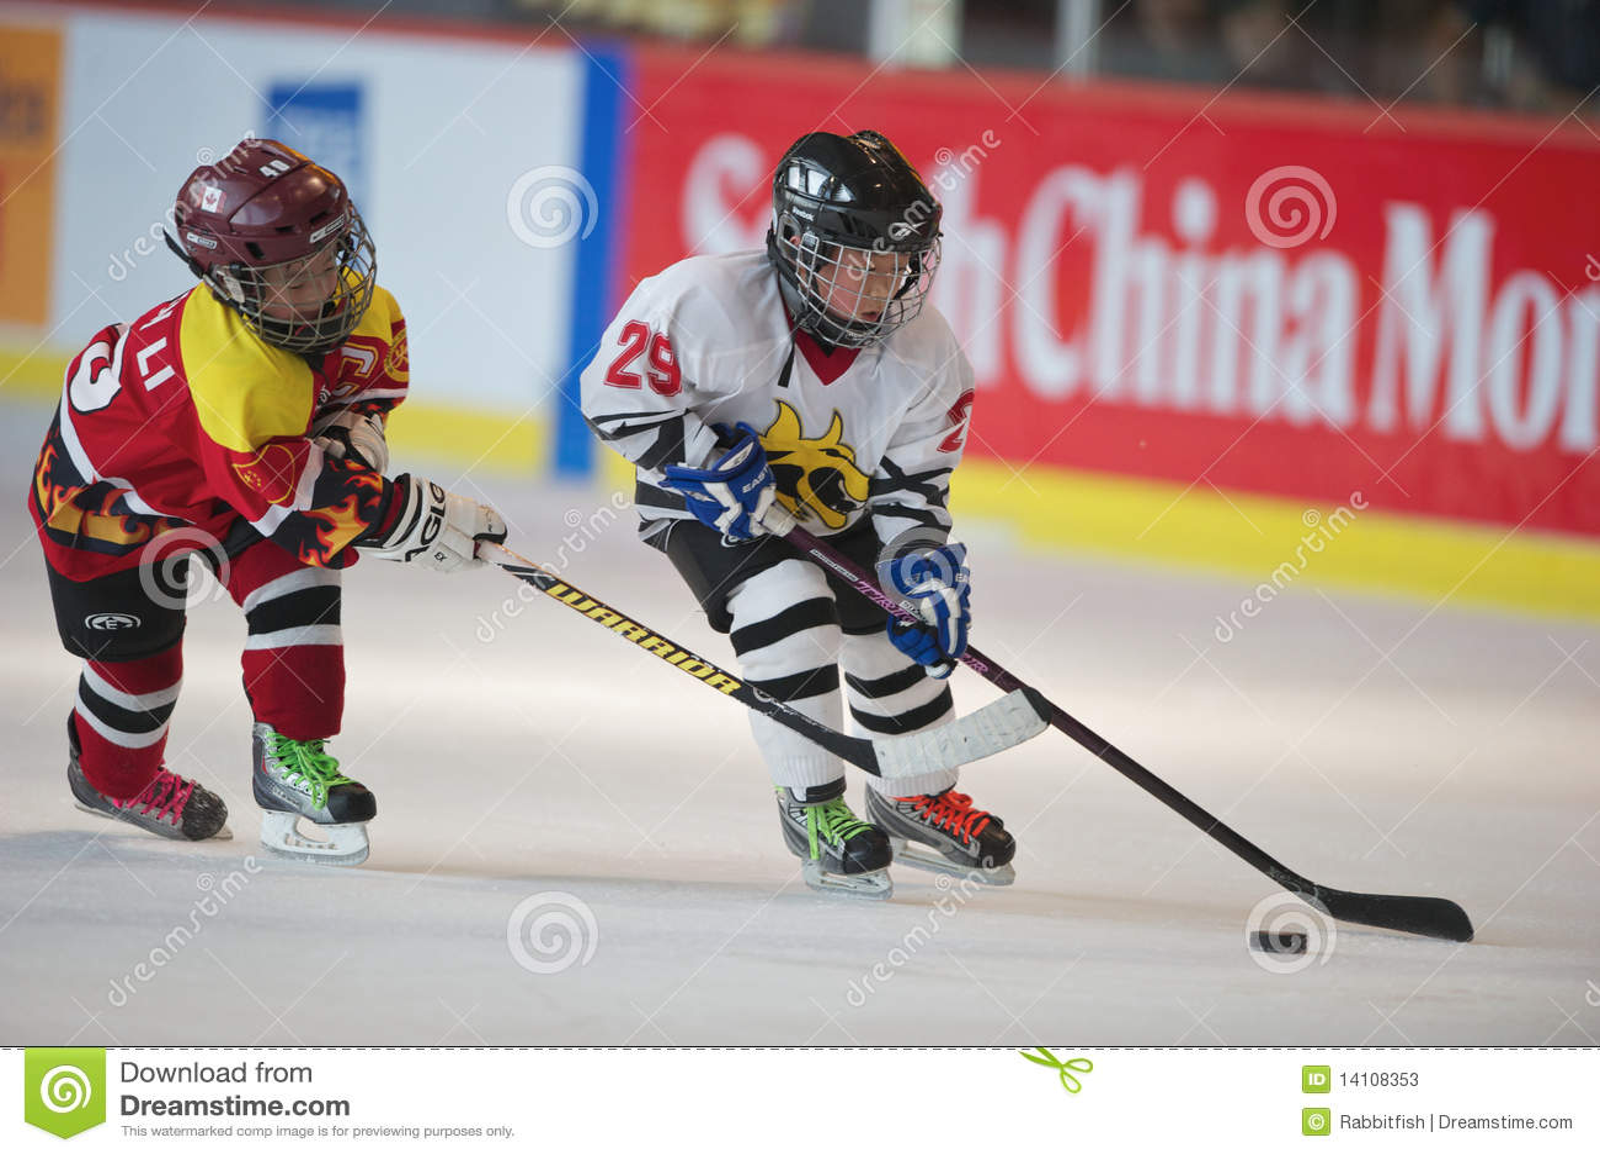 2010 Hockey 5s - 3